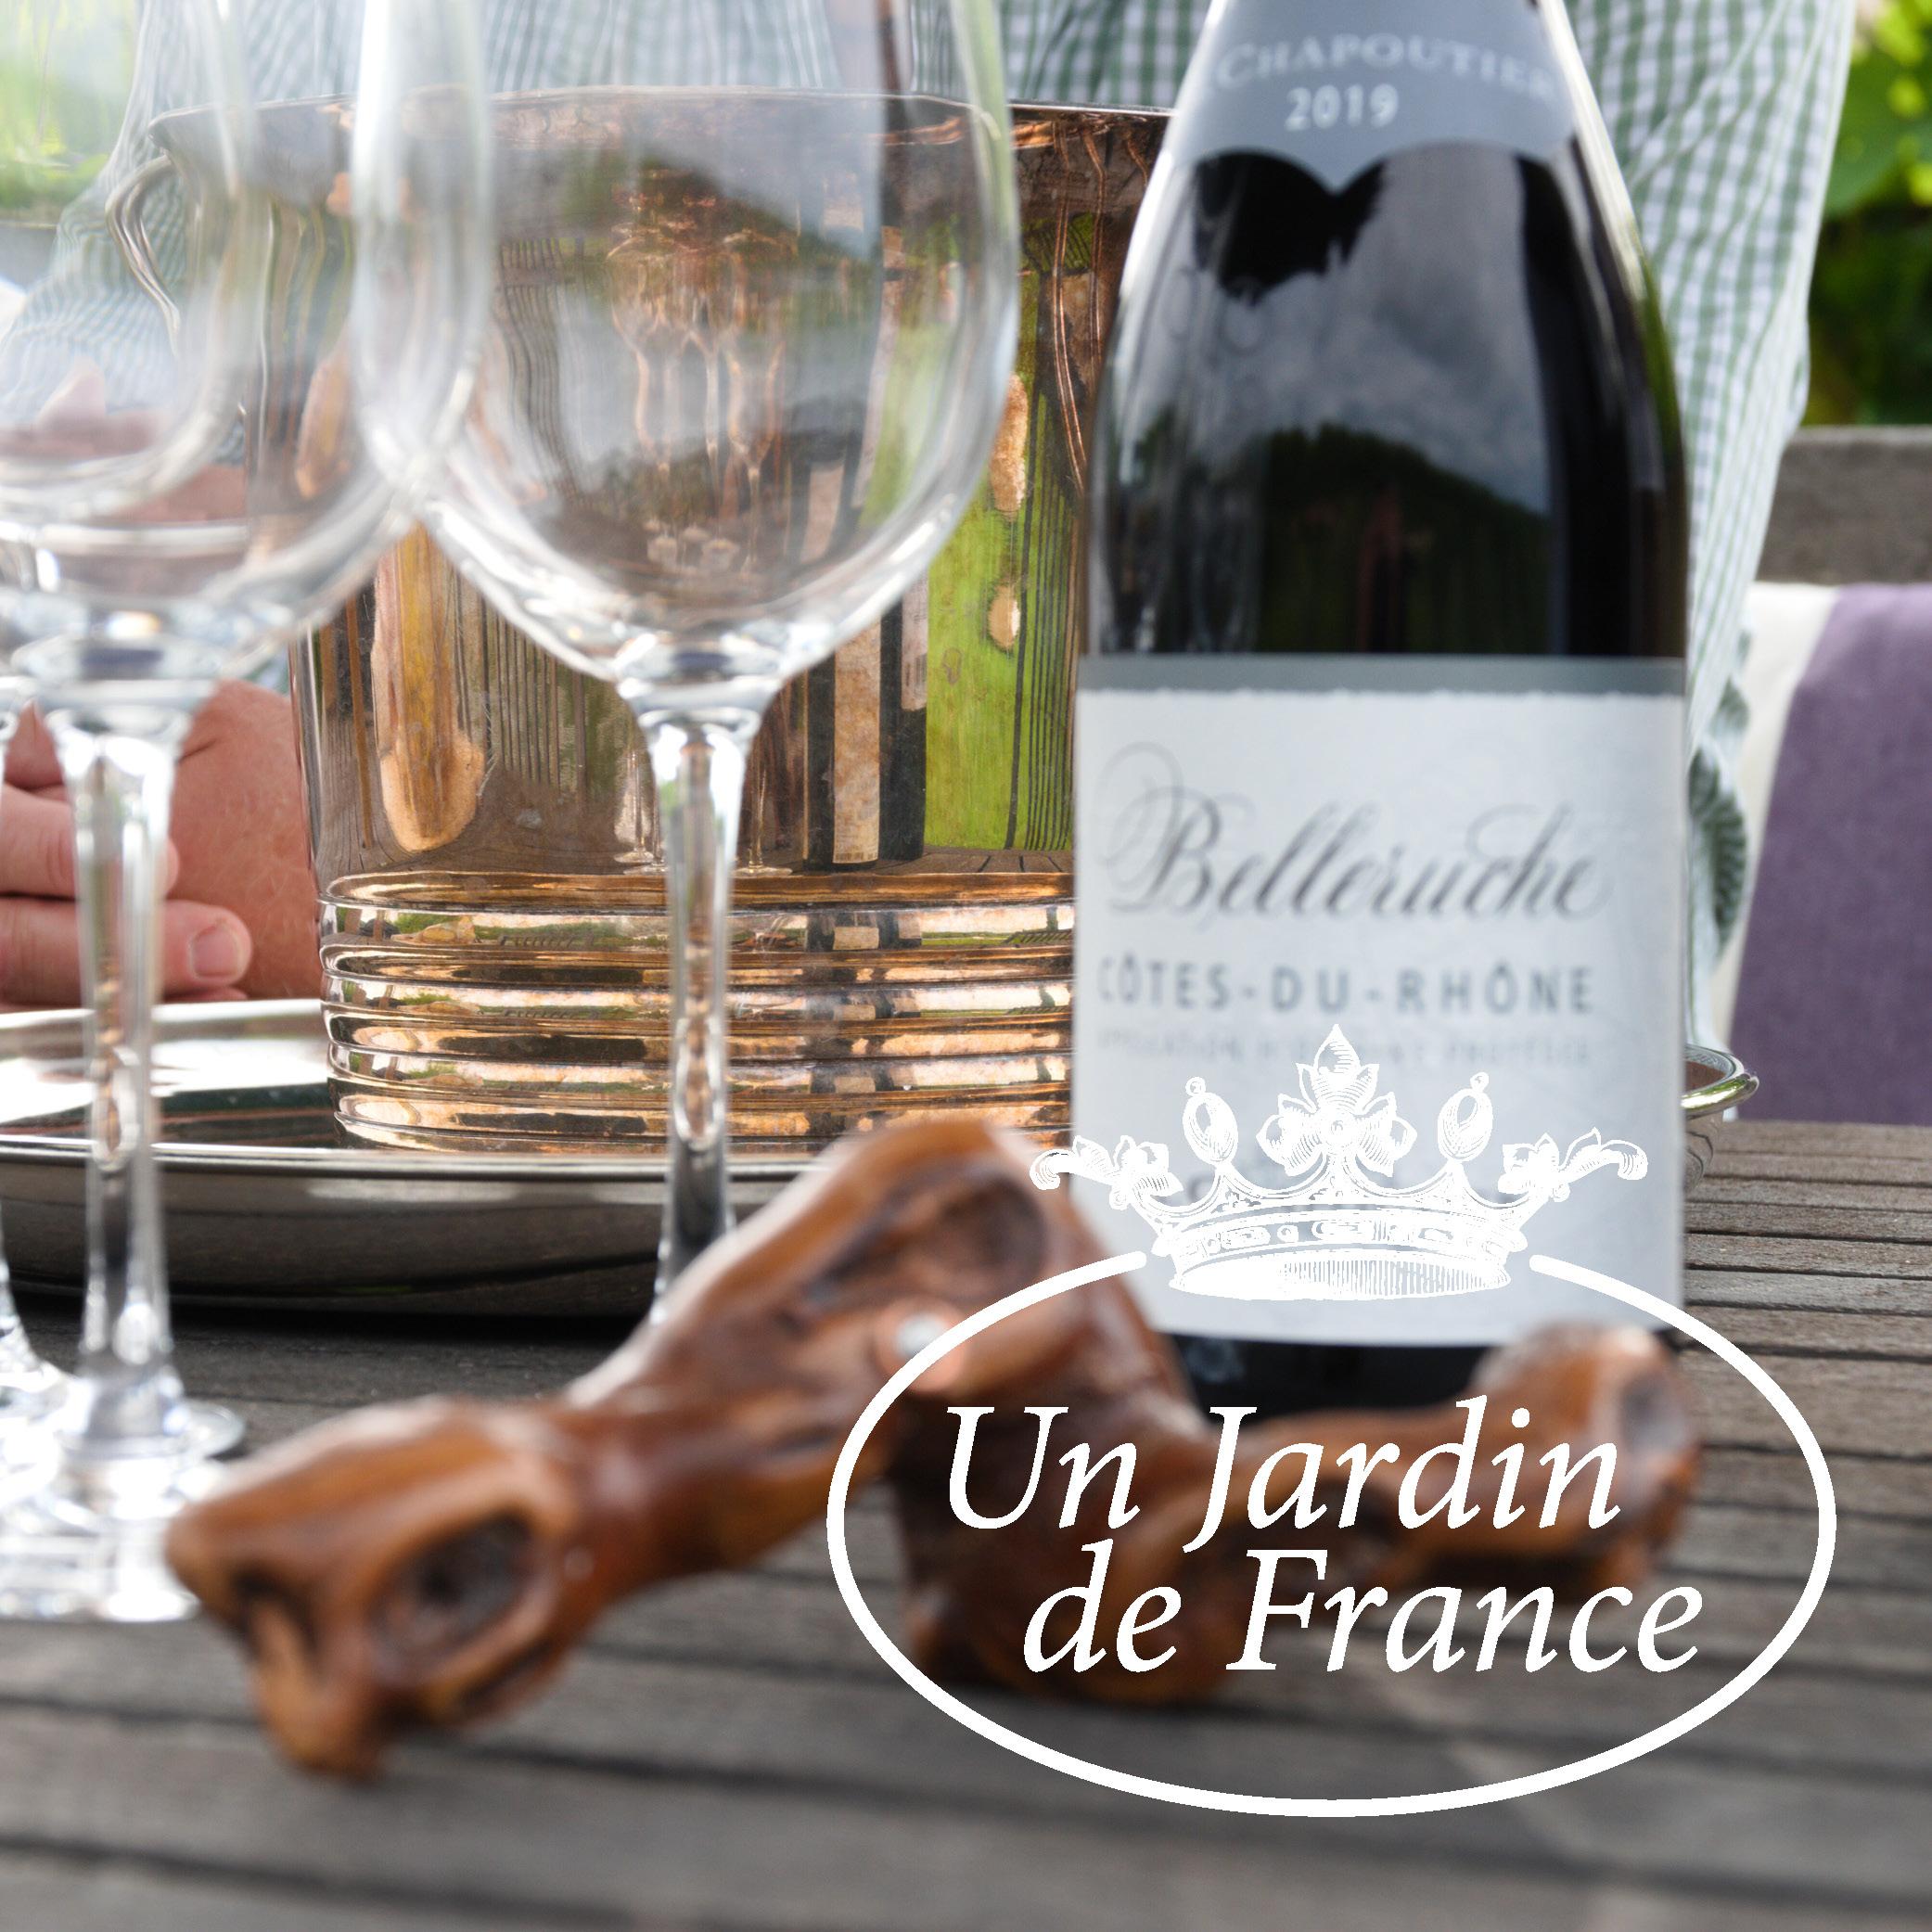 Un Jardin De France - Sierck Les Bains | Französische Küche ... à Un Jardin De France Sierck Les Bains